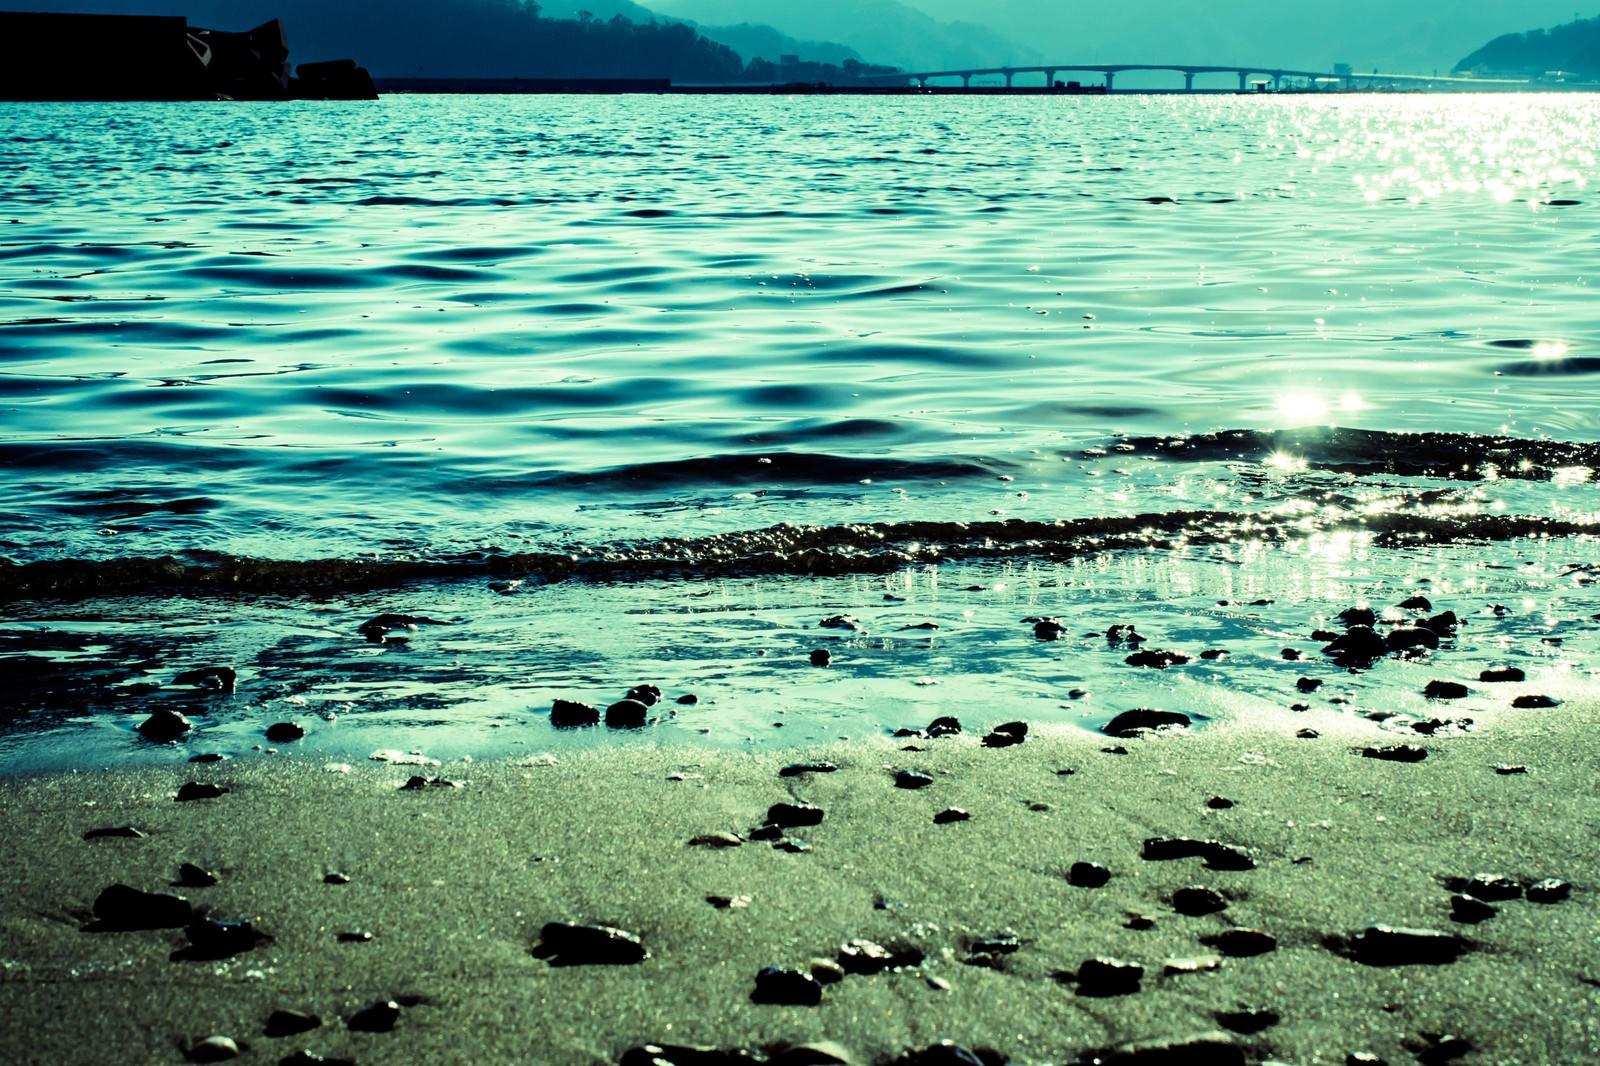 「宇佐湾の浜辺より宇佐湾の浜辺より」のフリー写真素材を拡大